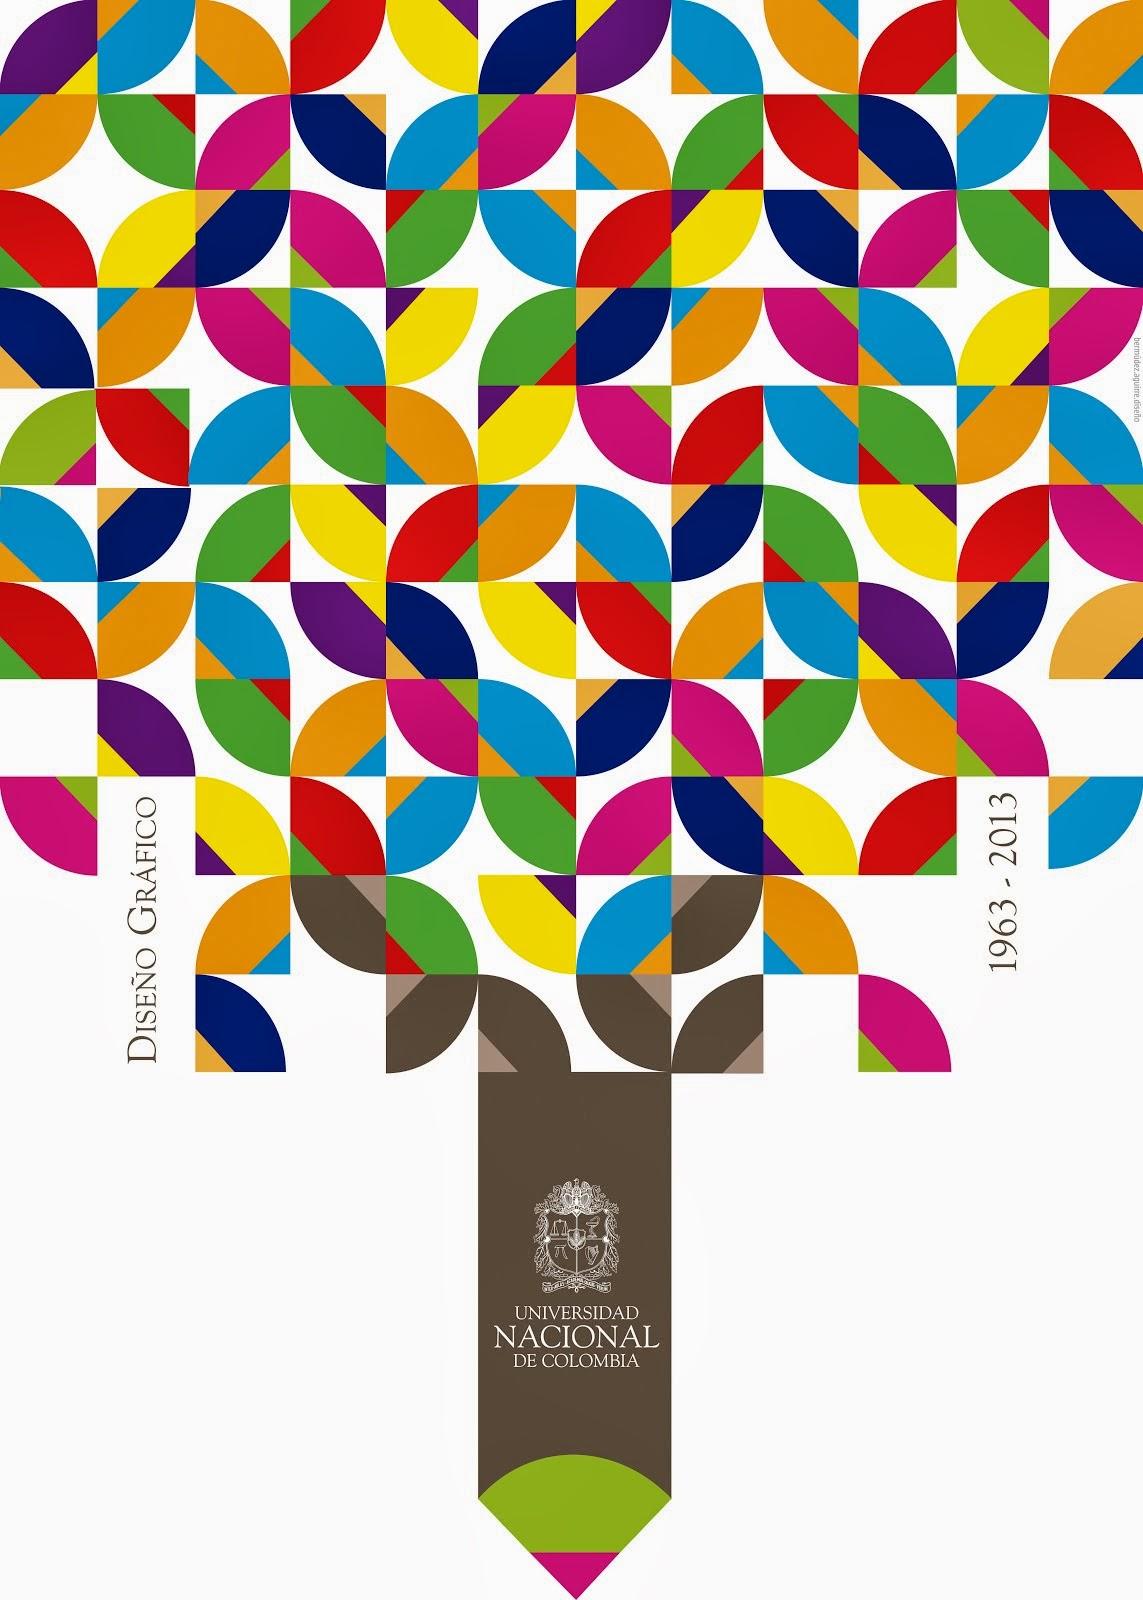 _50 aniversario Diseño Gráfico U. Nacional de Colombia